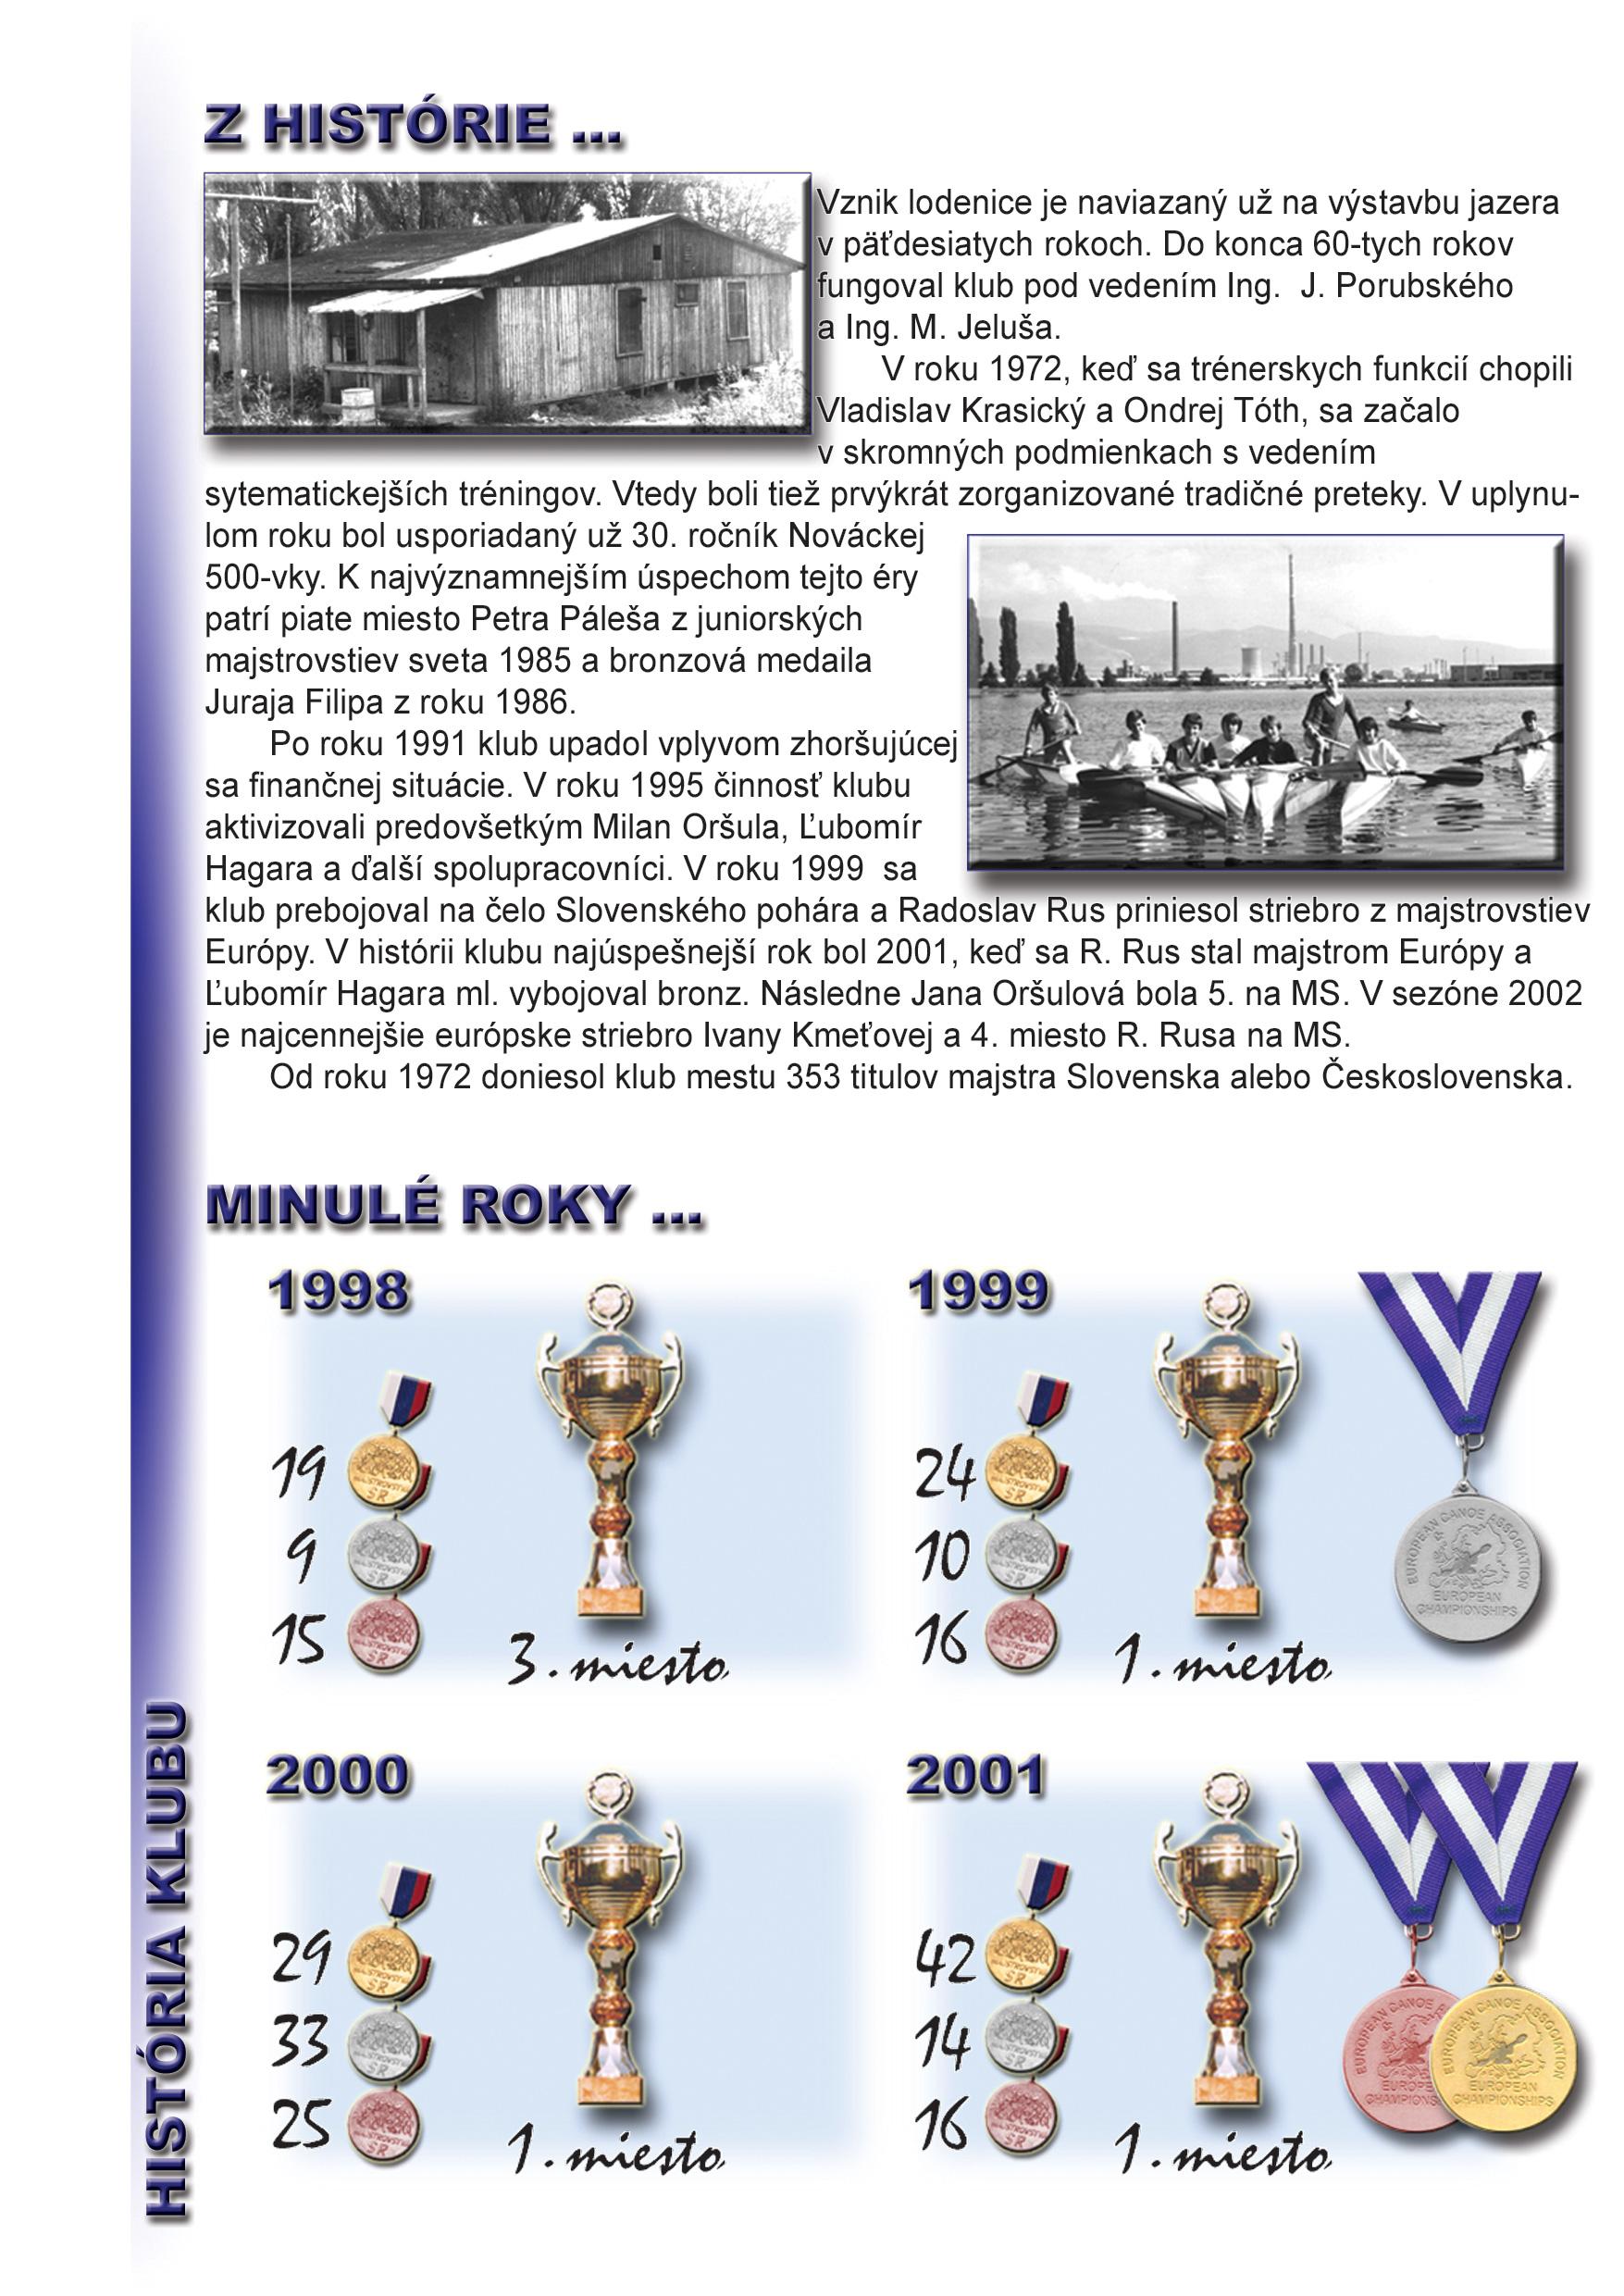 Profil klubu 2002/2003, strana 2